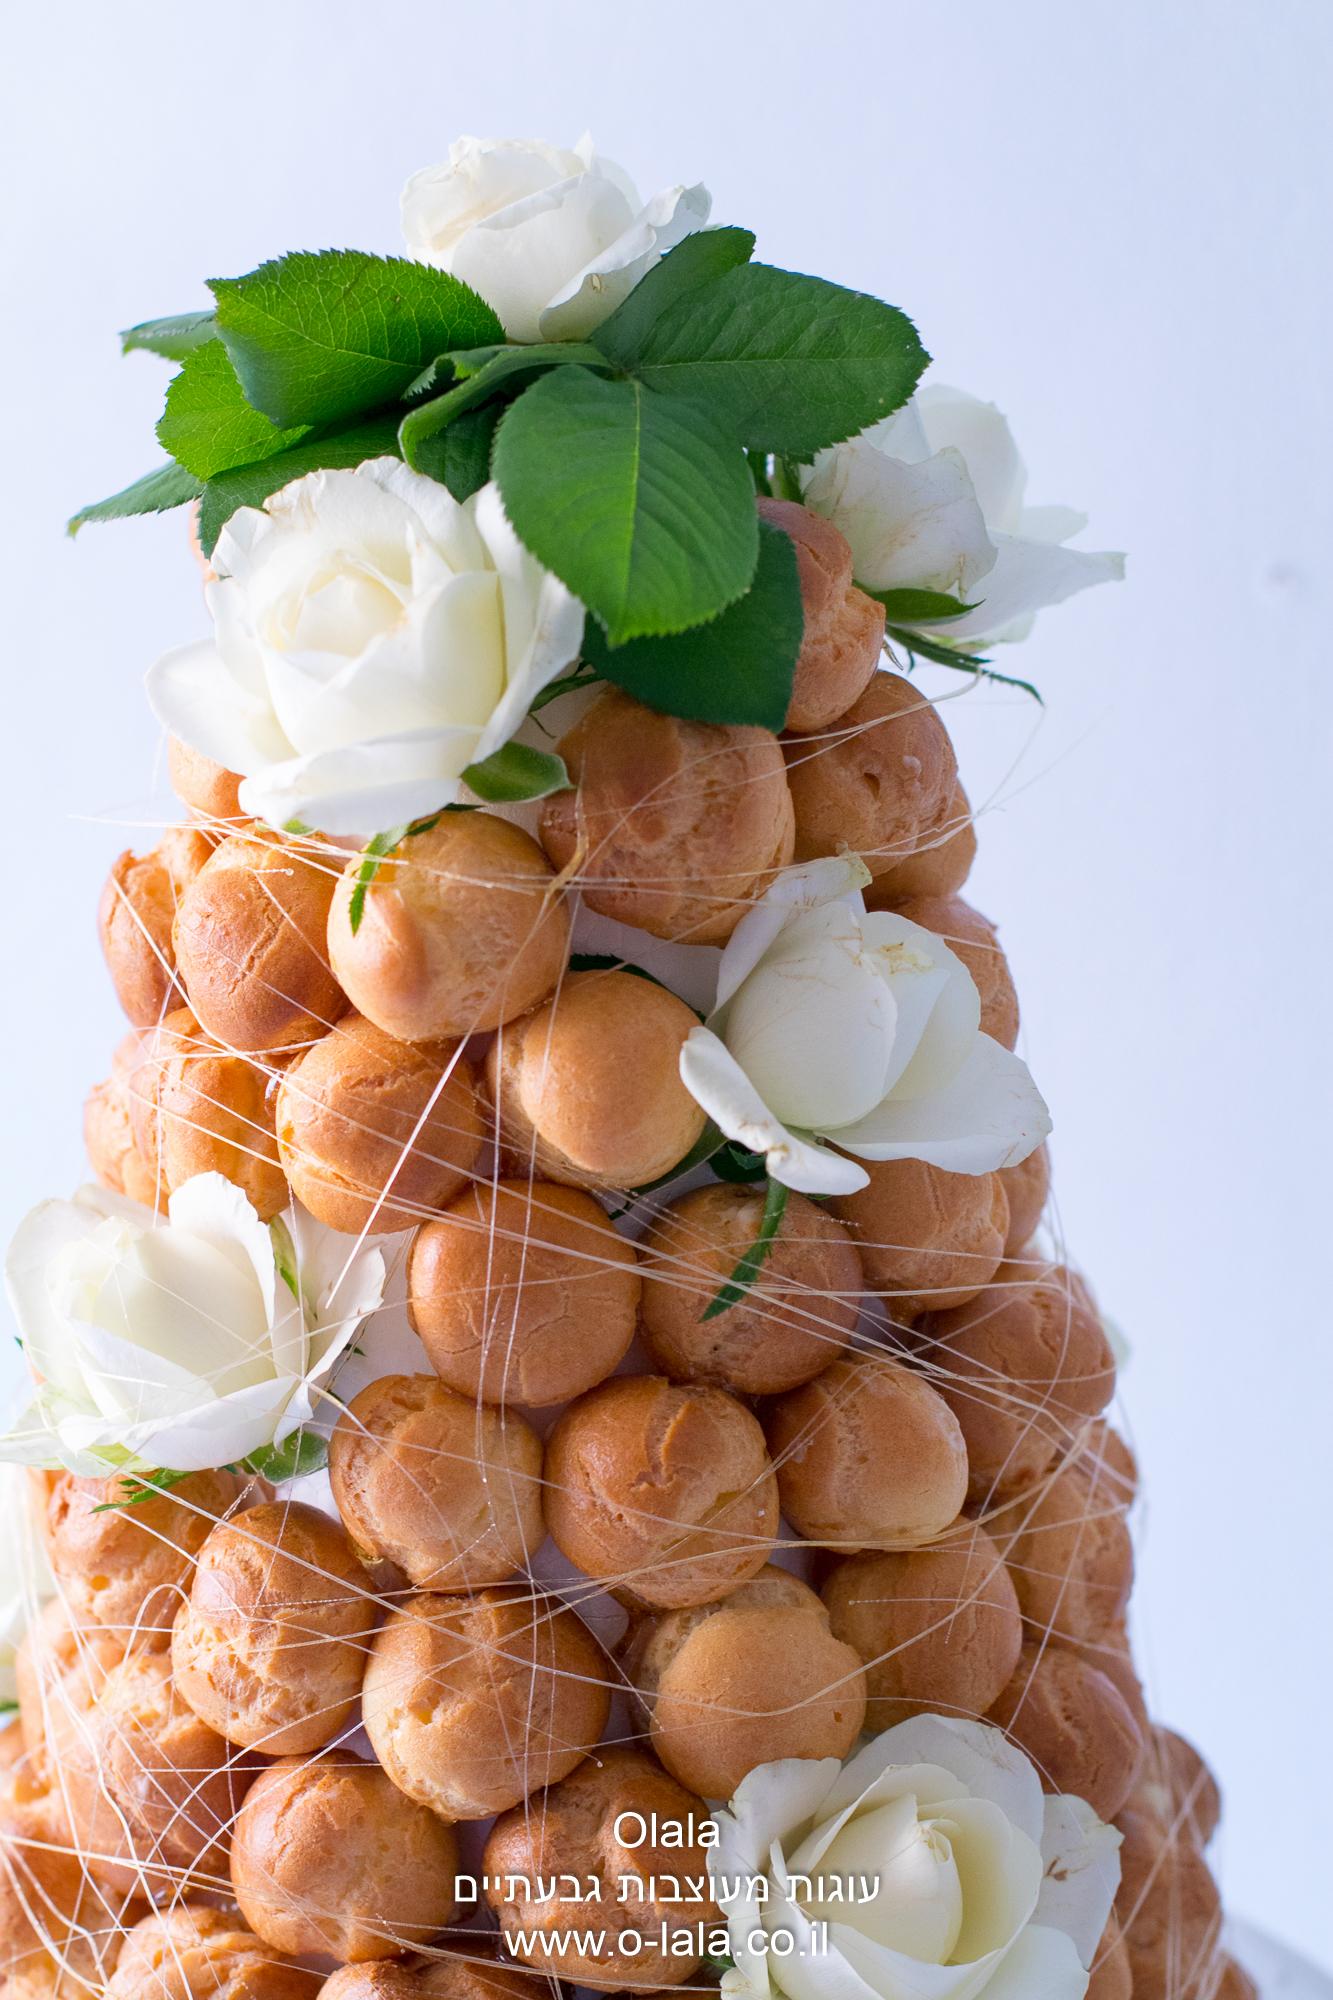 קרוקומבוש מגדל פחזניות